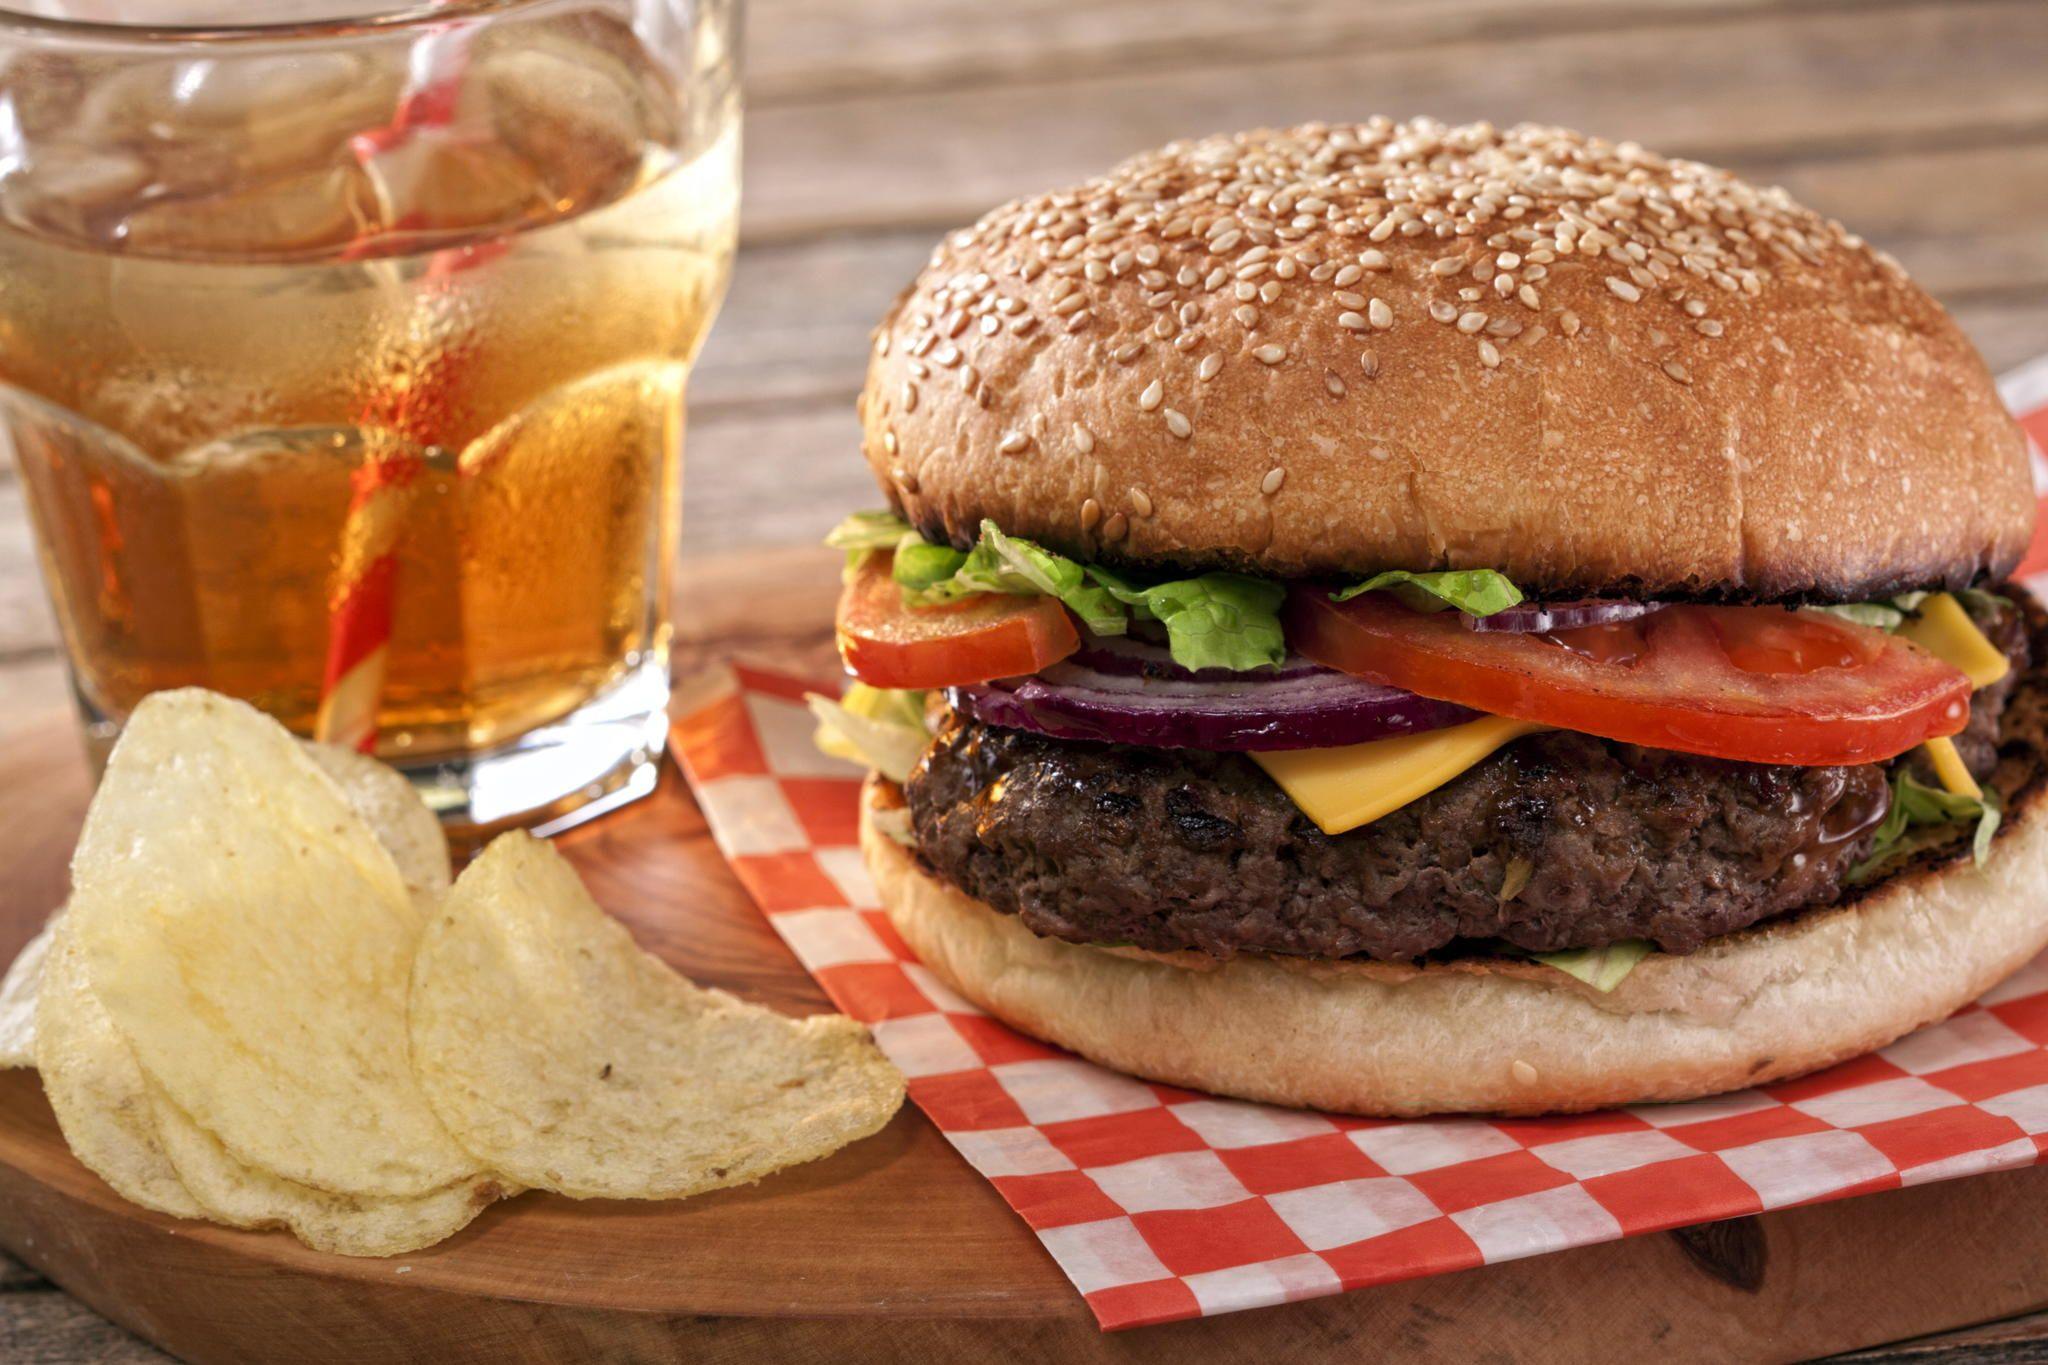 Handmade hamburger